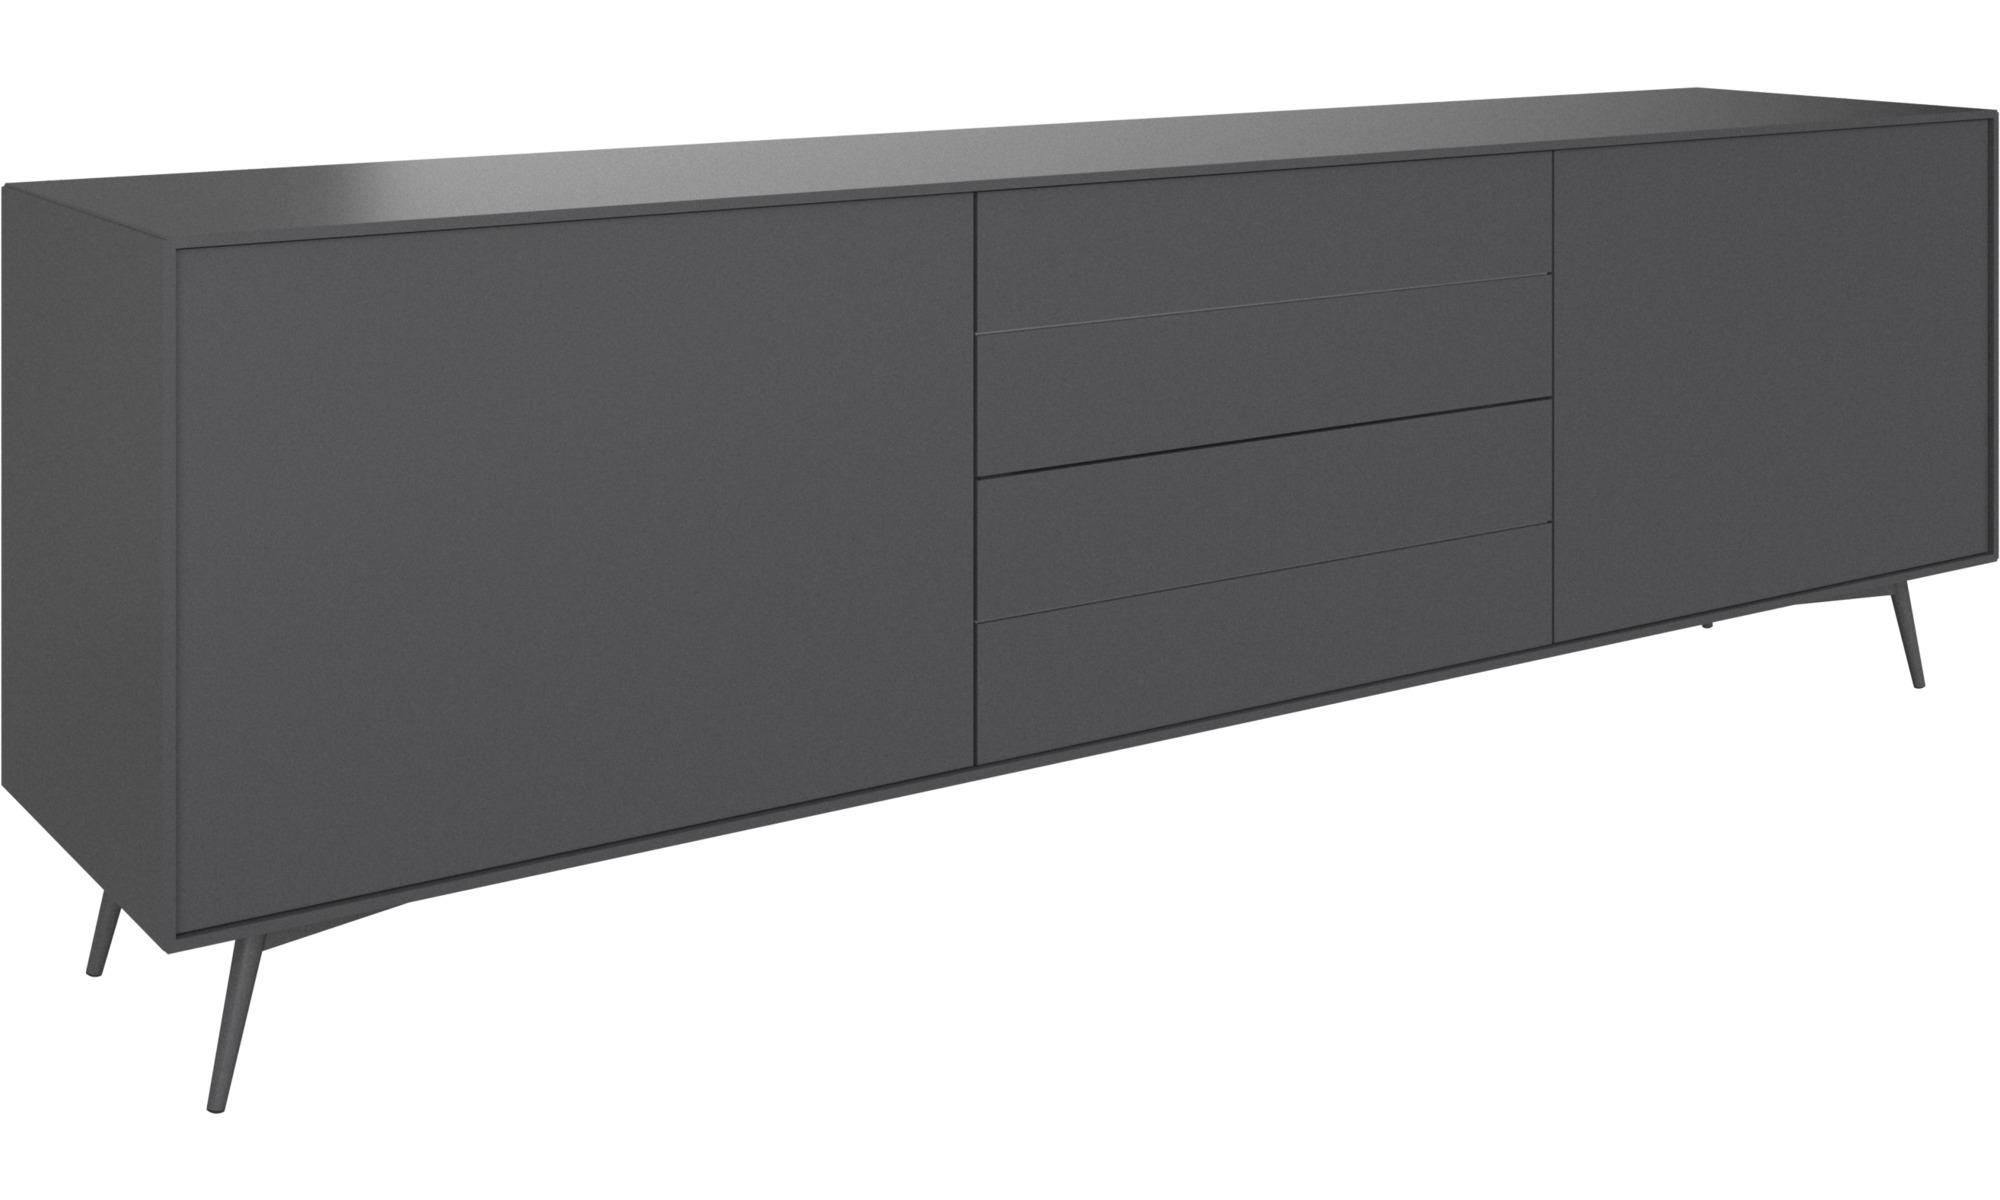 sideboards fermo sideboard boconcept. Black Bedroom Furniture Sets. Home Design Ideas